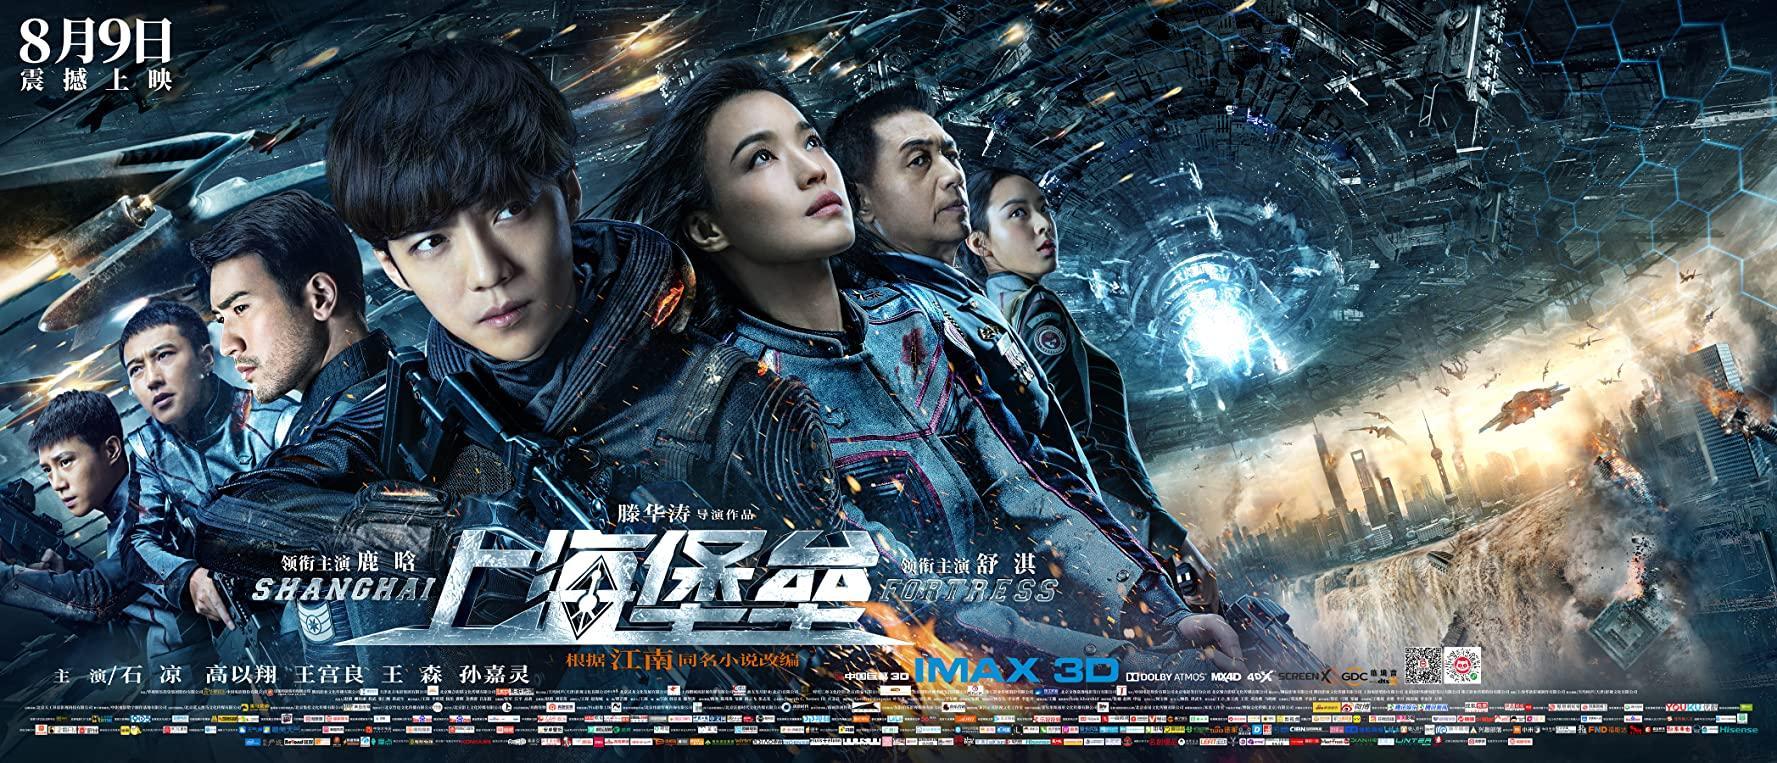 مشاهدة فيلم Hanghai Fortress (2019) مترجم HD اون لاين